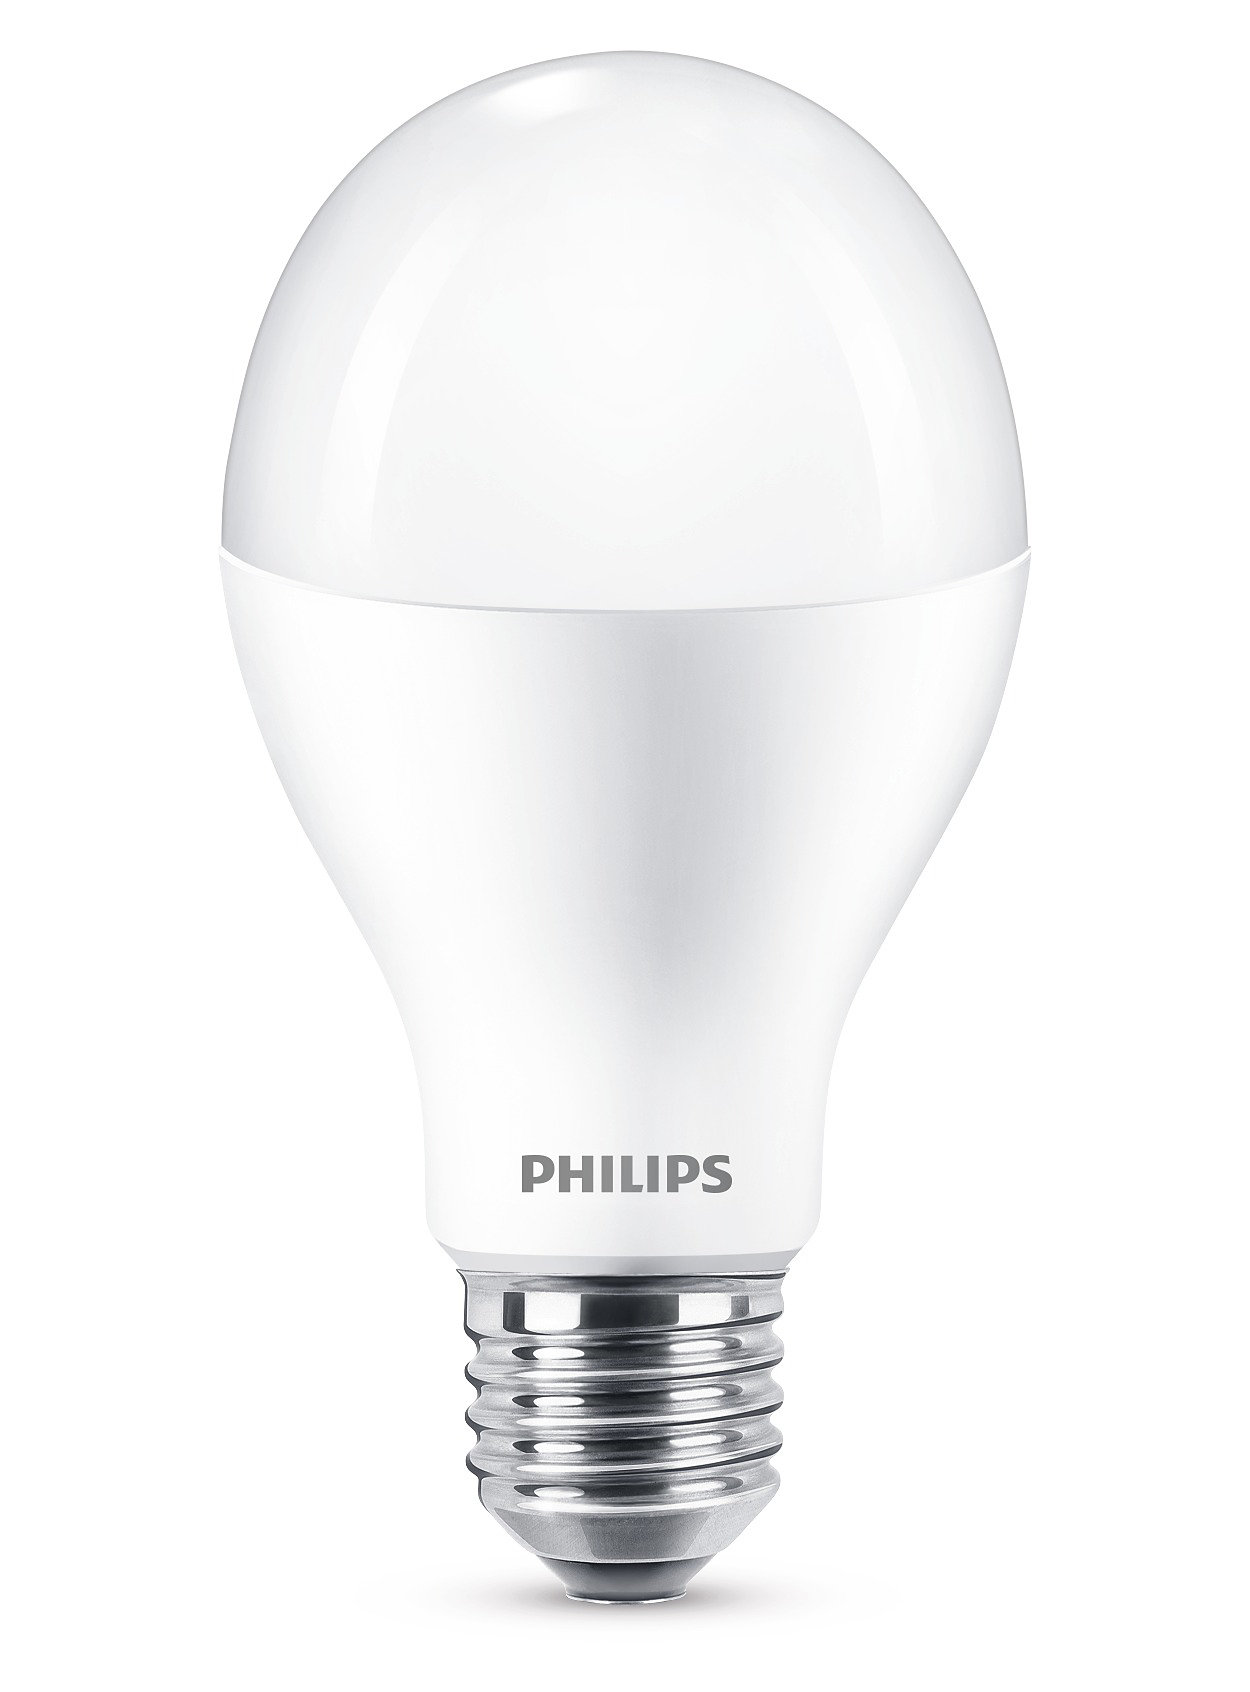 Luz branca suave com excelente qualidade de luz